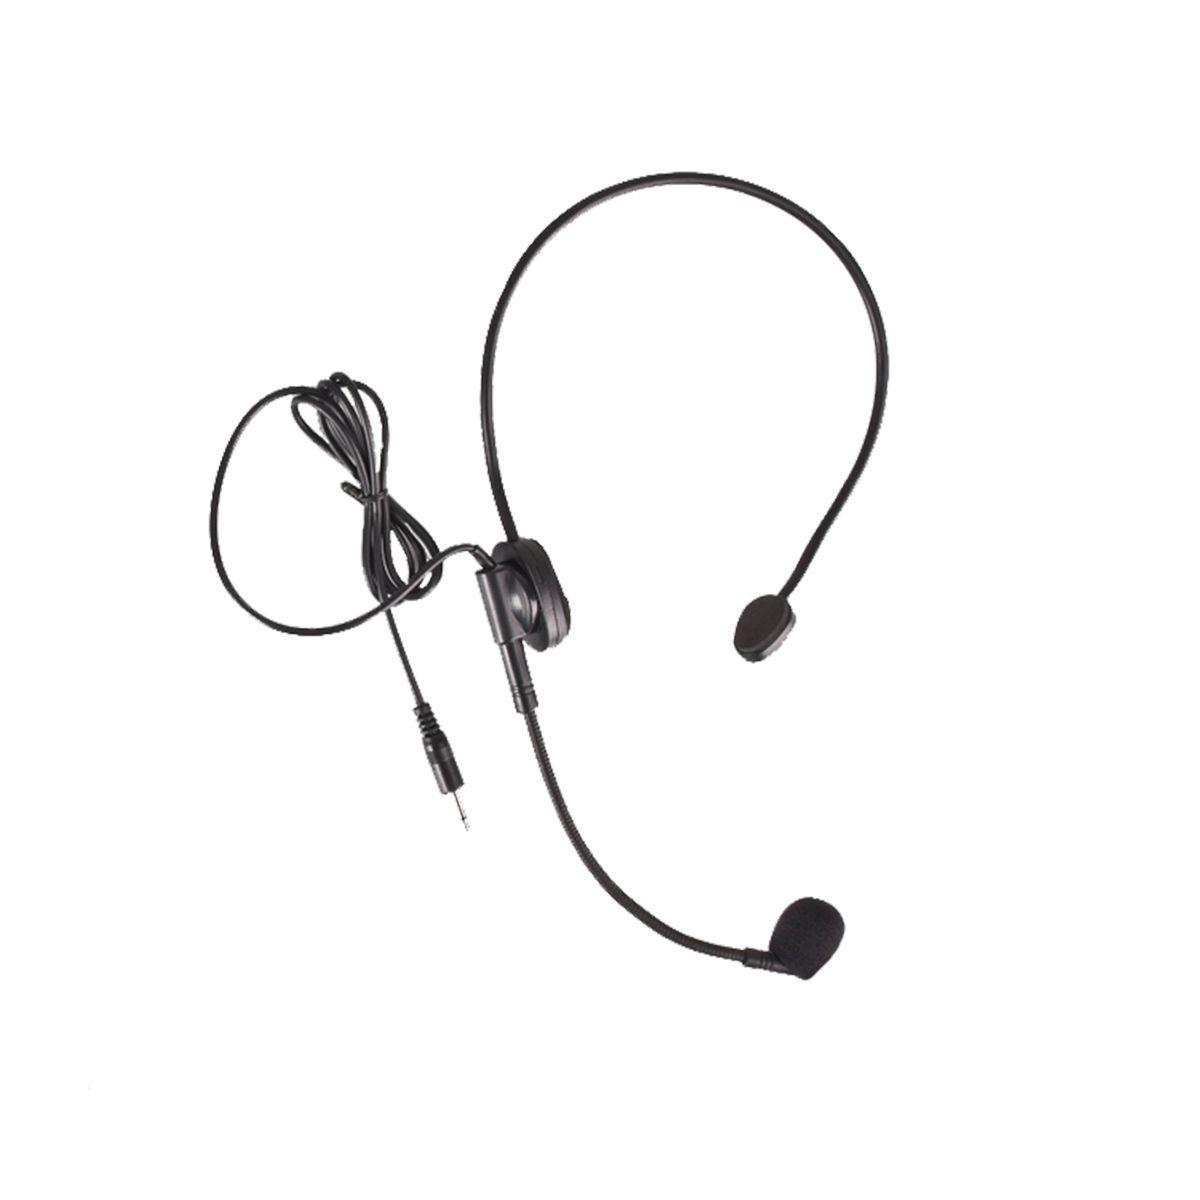 Microfone Headset TSI HS623/1210/E8M para Supervoz